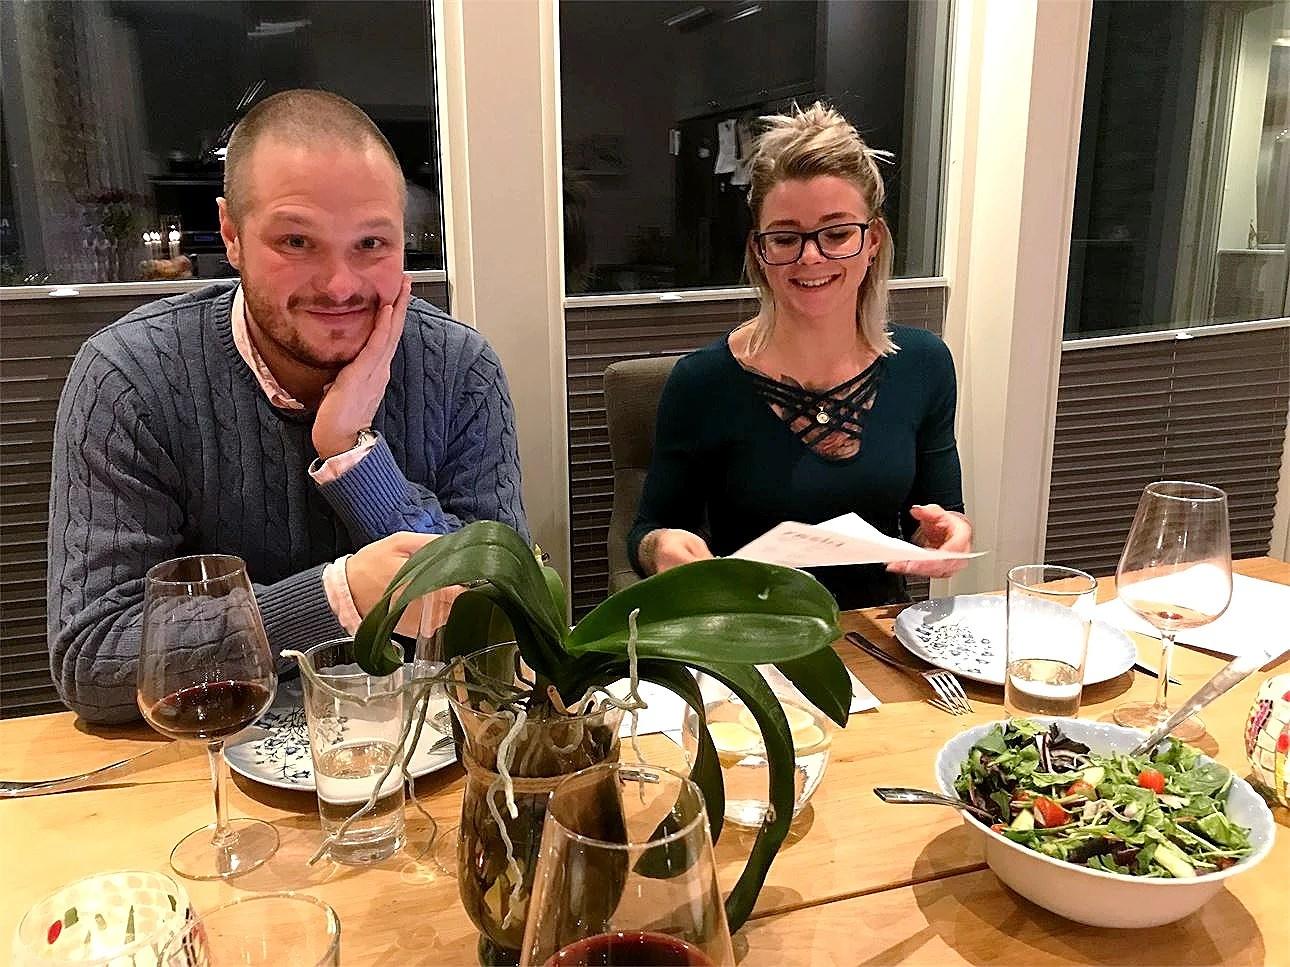 Fredagkväll i Båstad